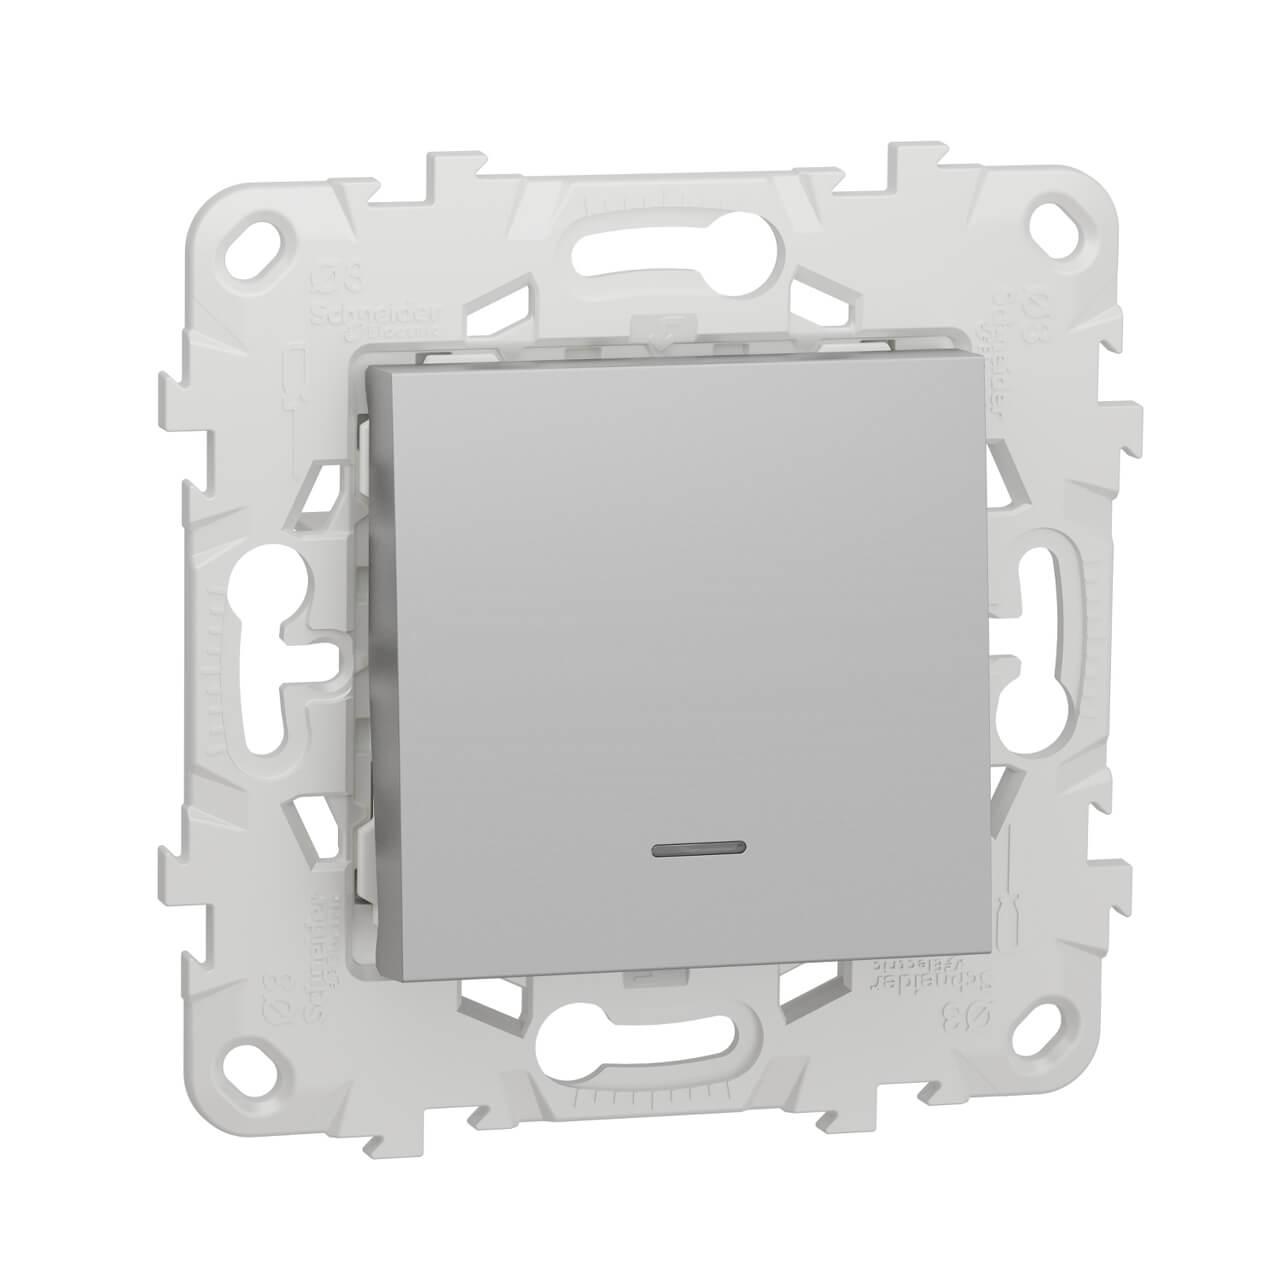 Переключатель одноклавишный с подсветкой Schneider Electric Unica New NU520330N schneider одноклавишный кнопочный выключатель unica с подсветкой графит